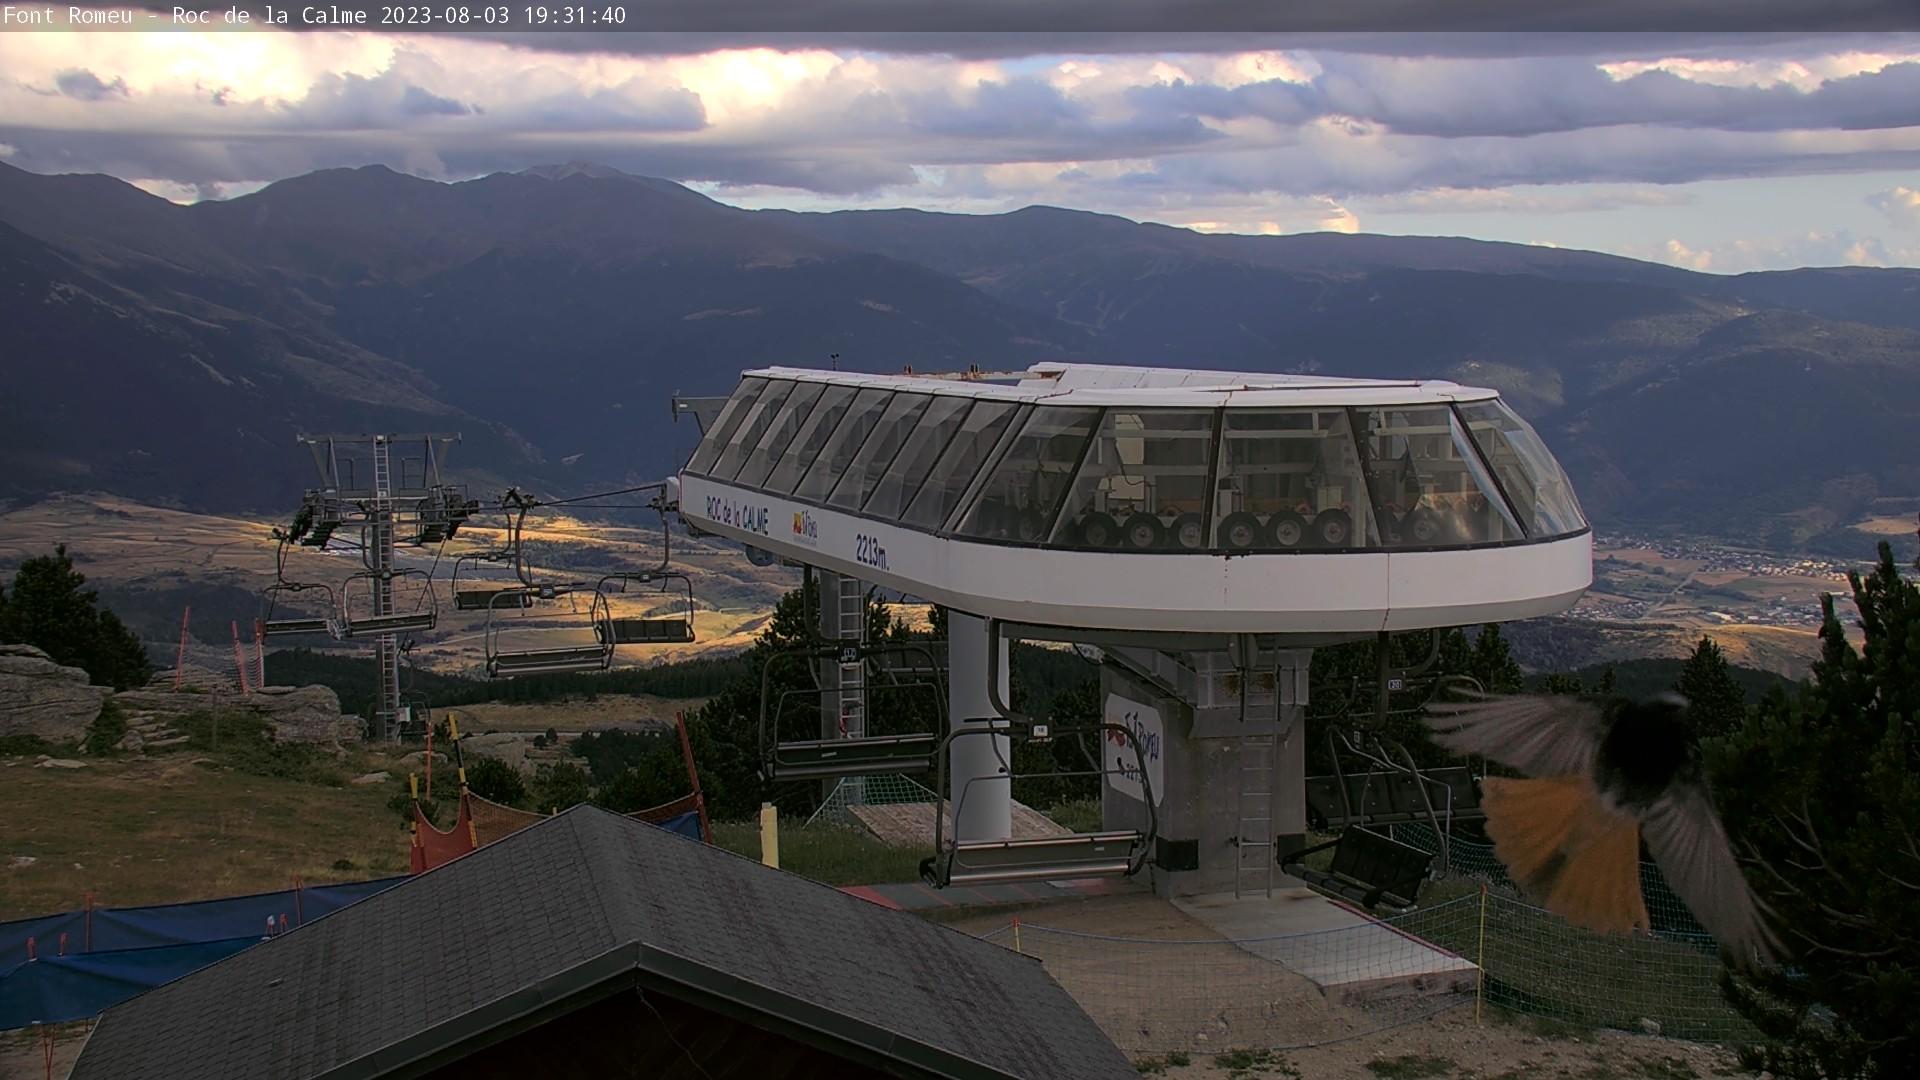 Webcam en Roc de la Calme